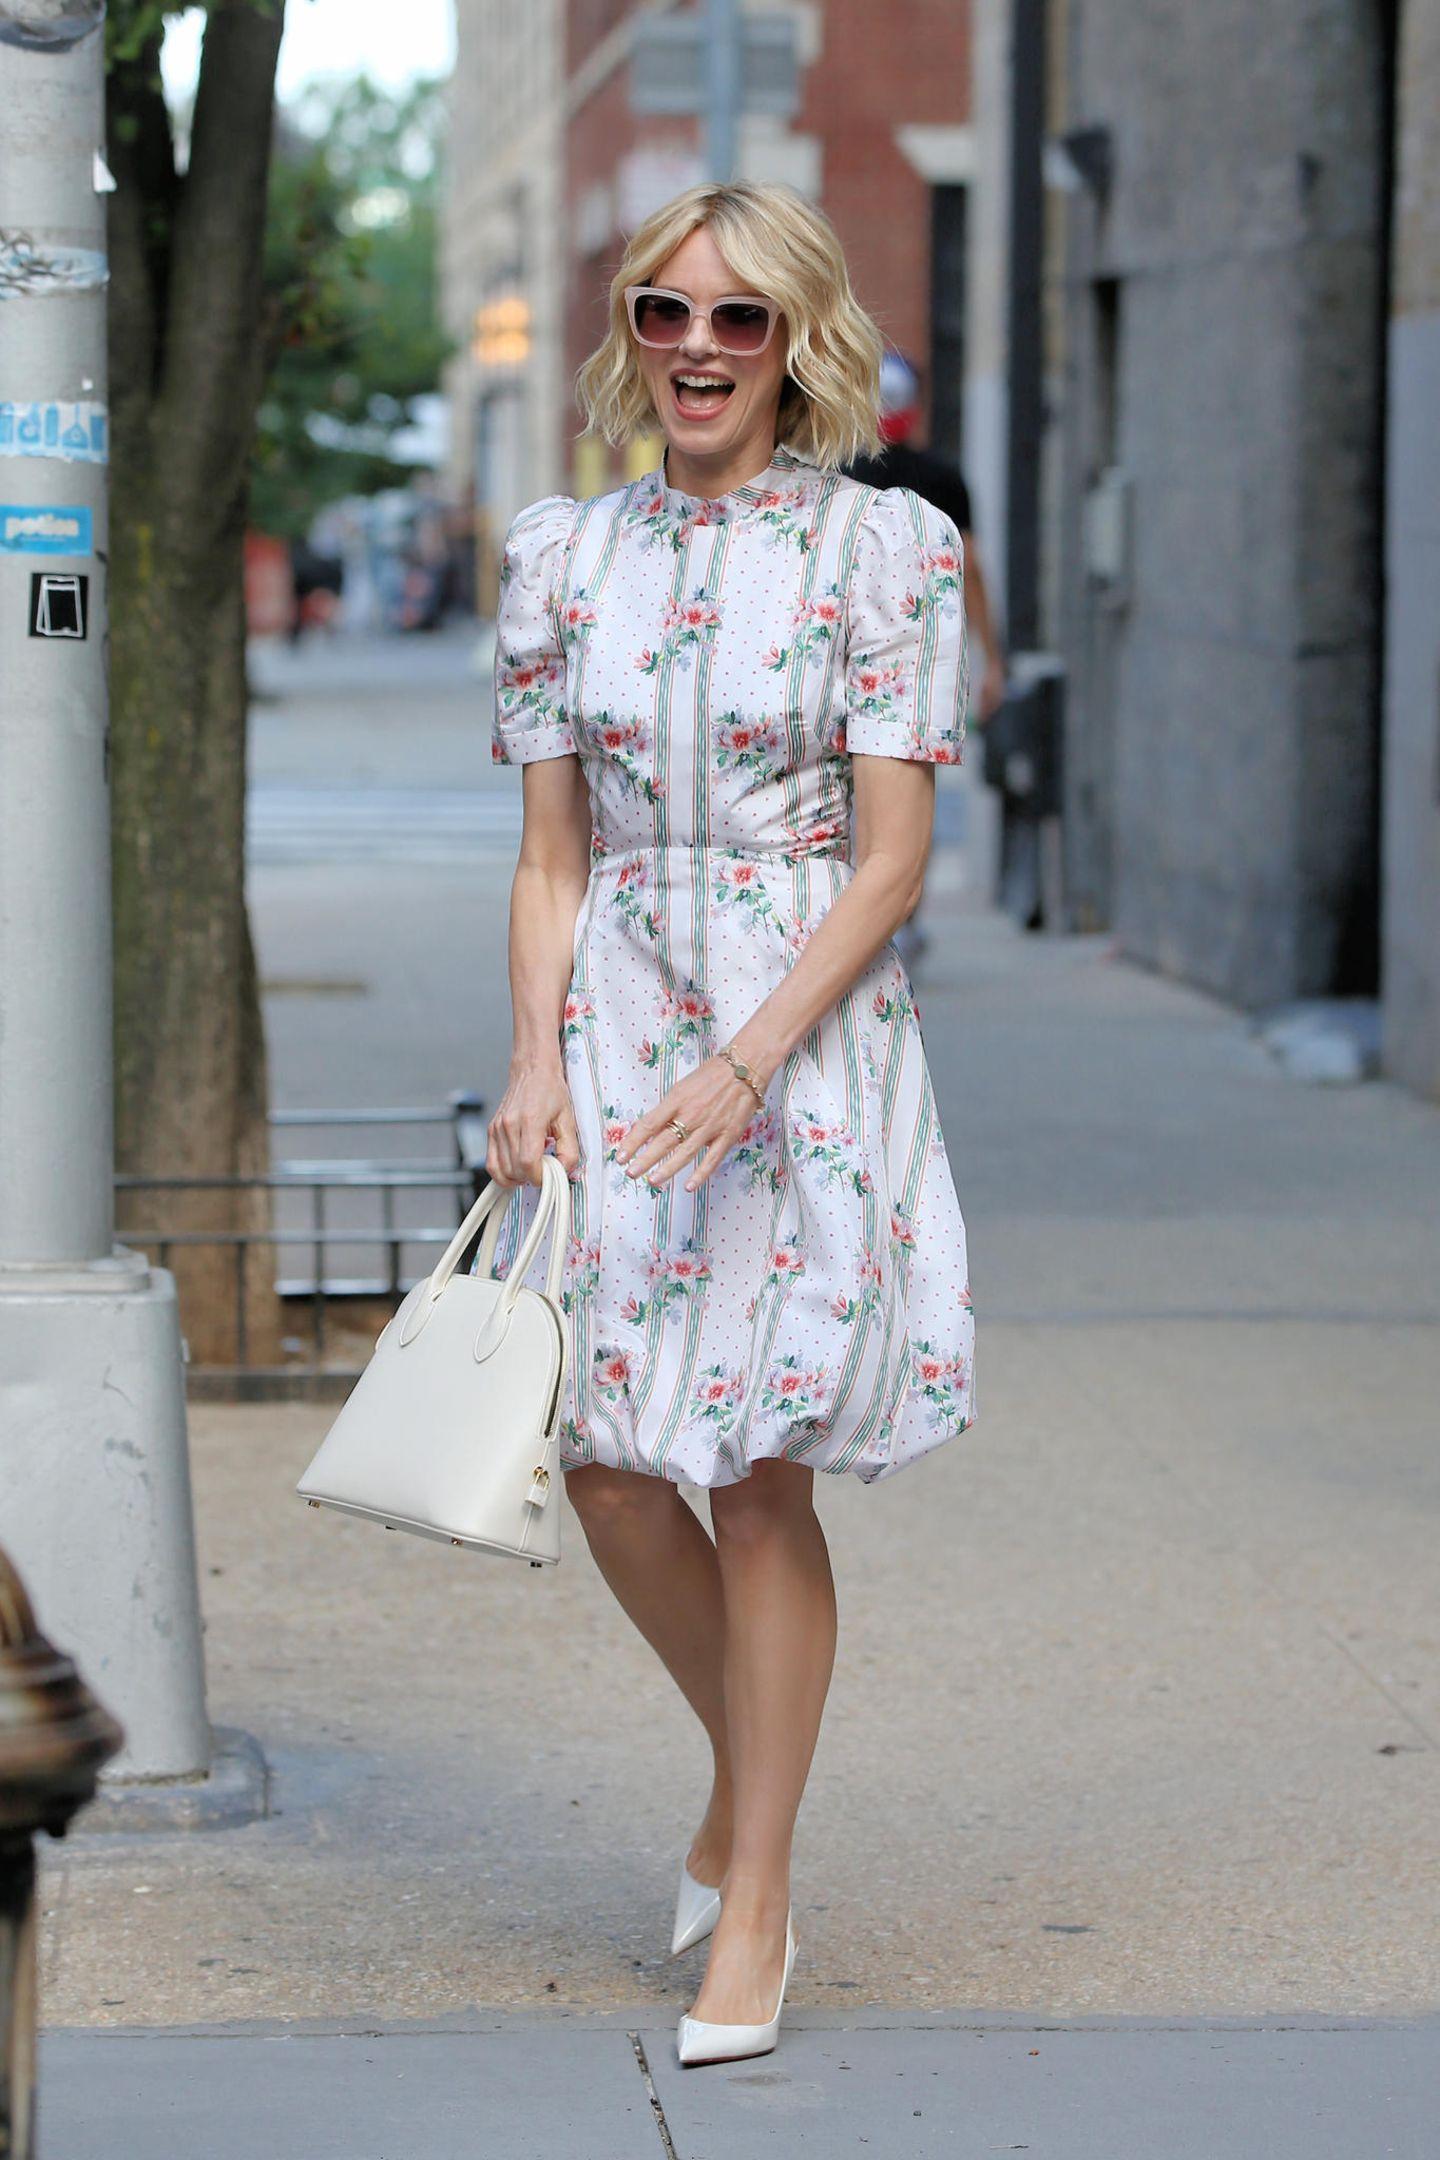 Naomi Watts versprüht in einem romantischen Sommerkleid von Brock Collection extrem viel gute Laune. Zu dem It-Piece wählt sie weiße Pumps und eine weiße Handtasche - ideal, wie wir finden!